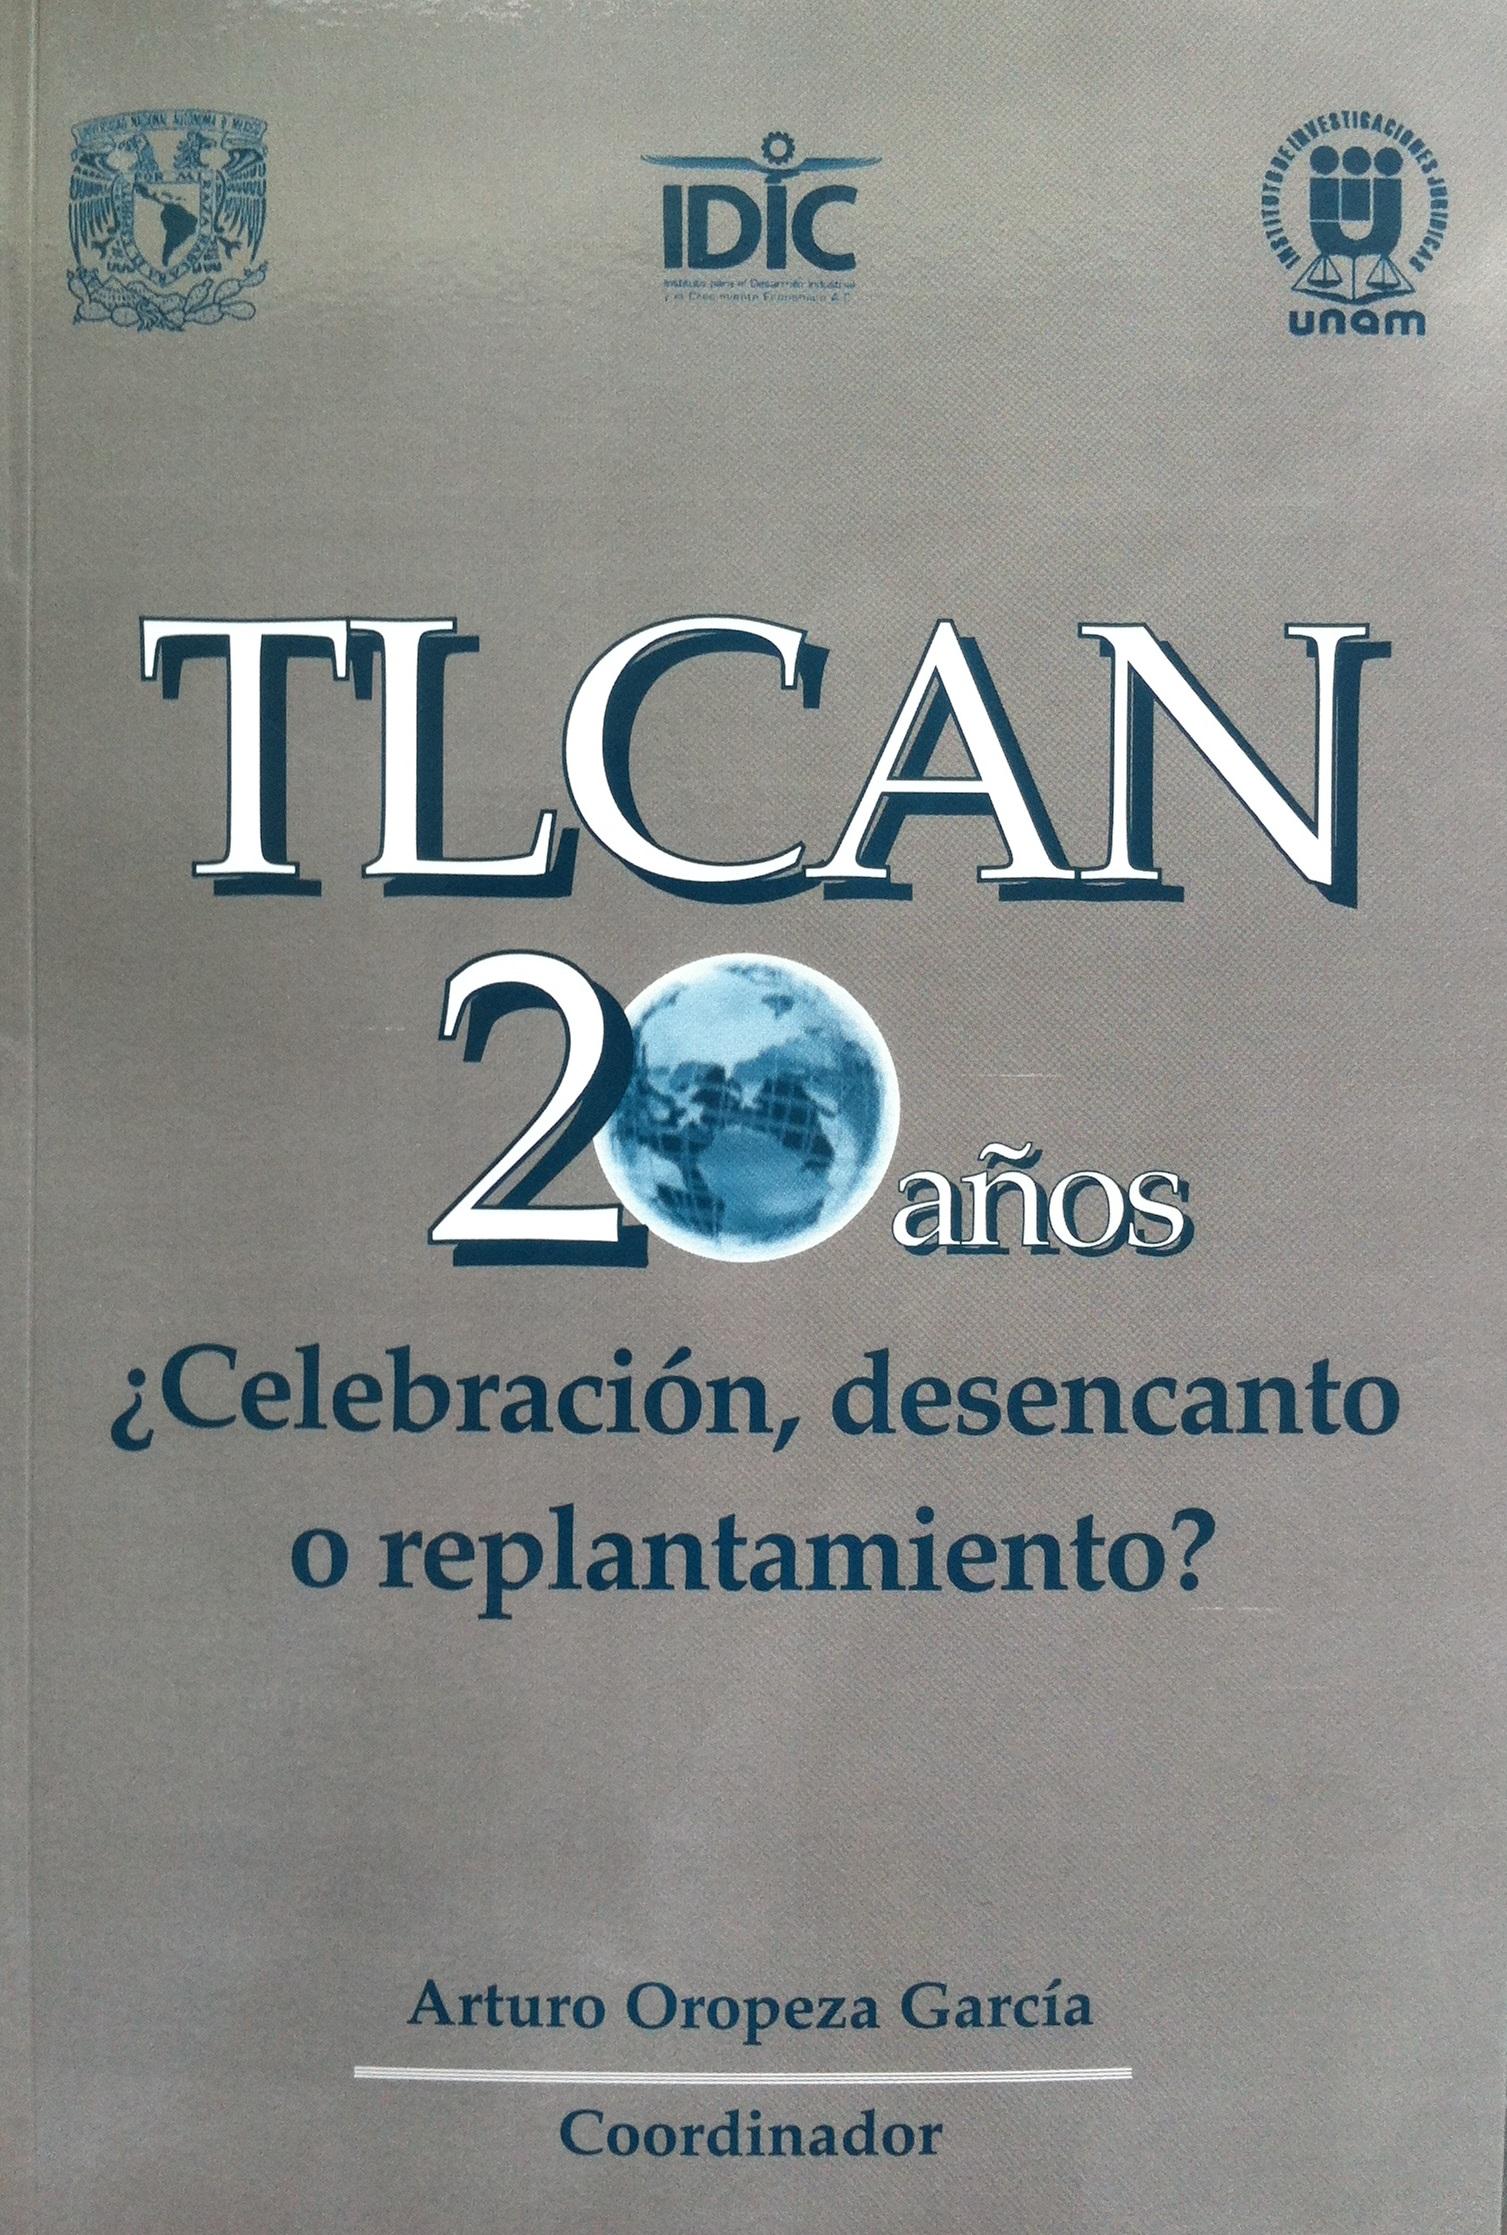 Libro TLCAN, 20 Años ¿Celebración, desencanto o replanteamiento? | IDIC - IIJUNAM